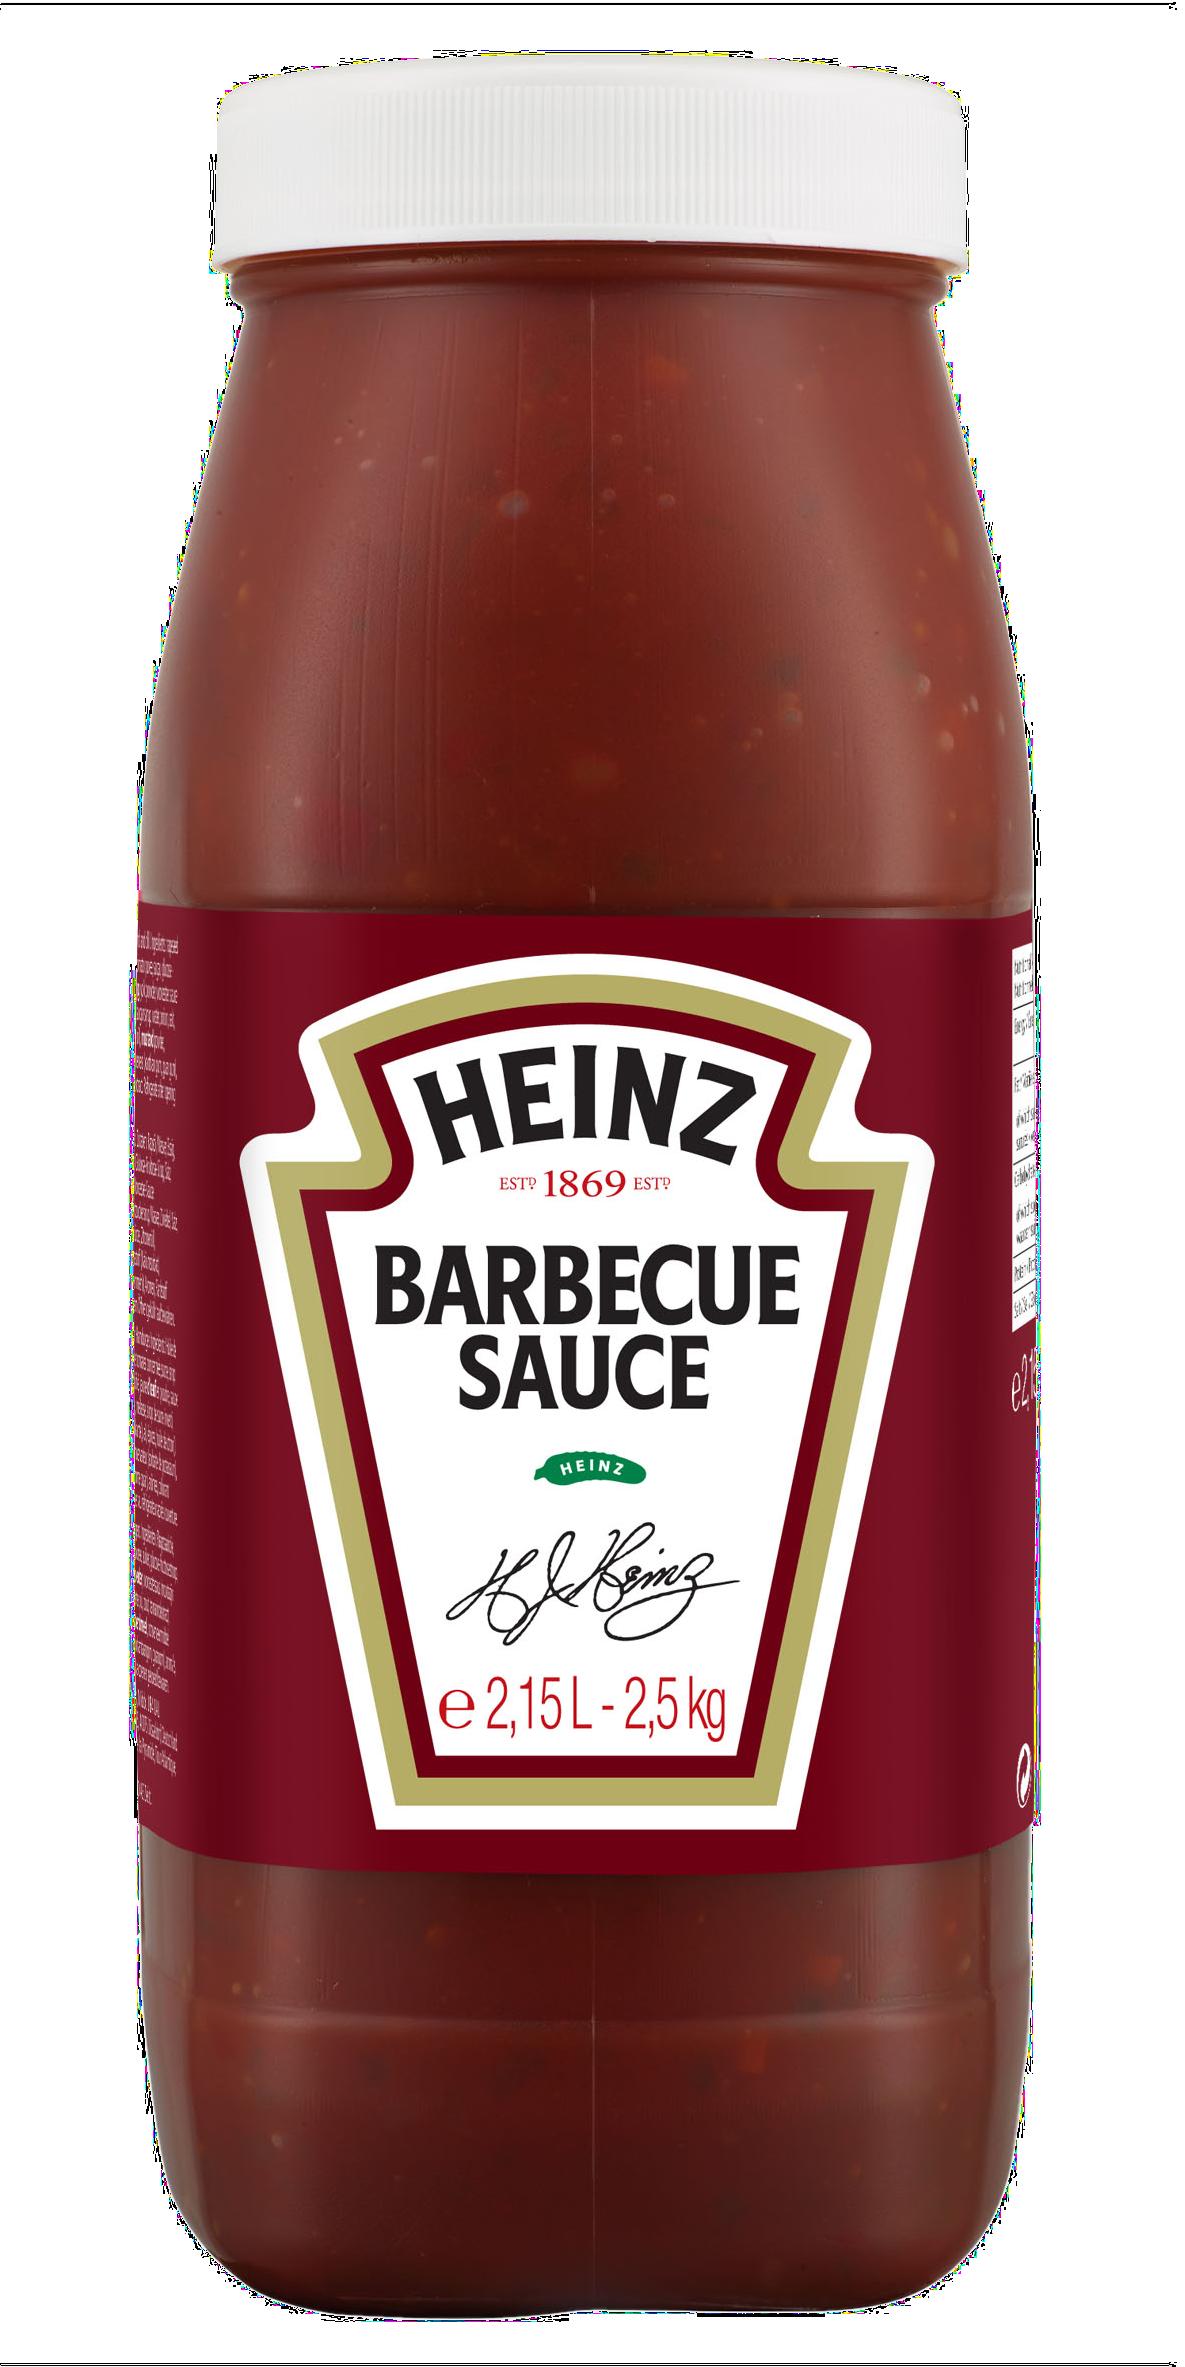 Heinz Barbecue Sauce 2,5kg Secchio image